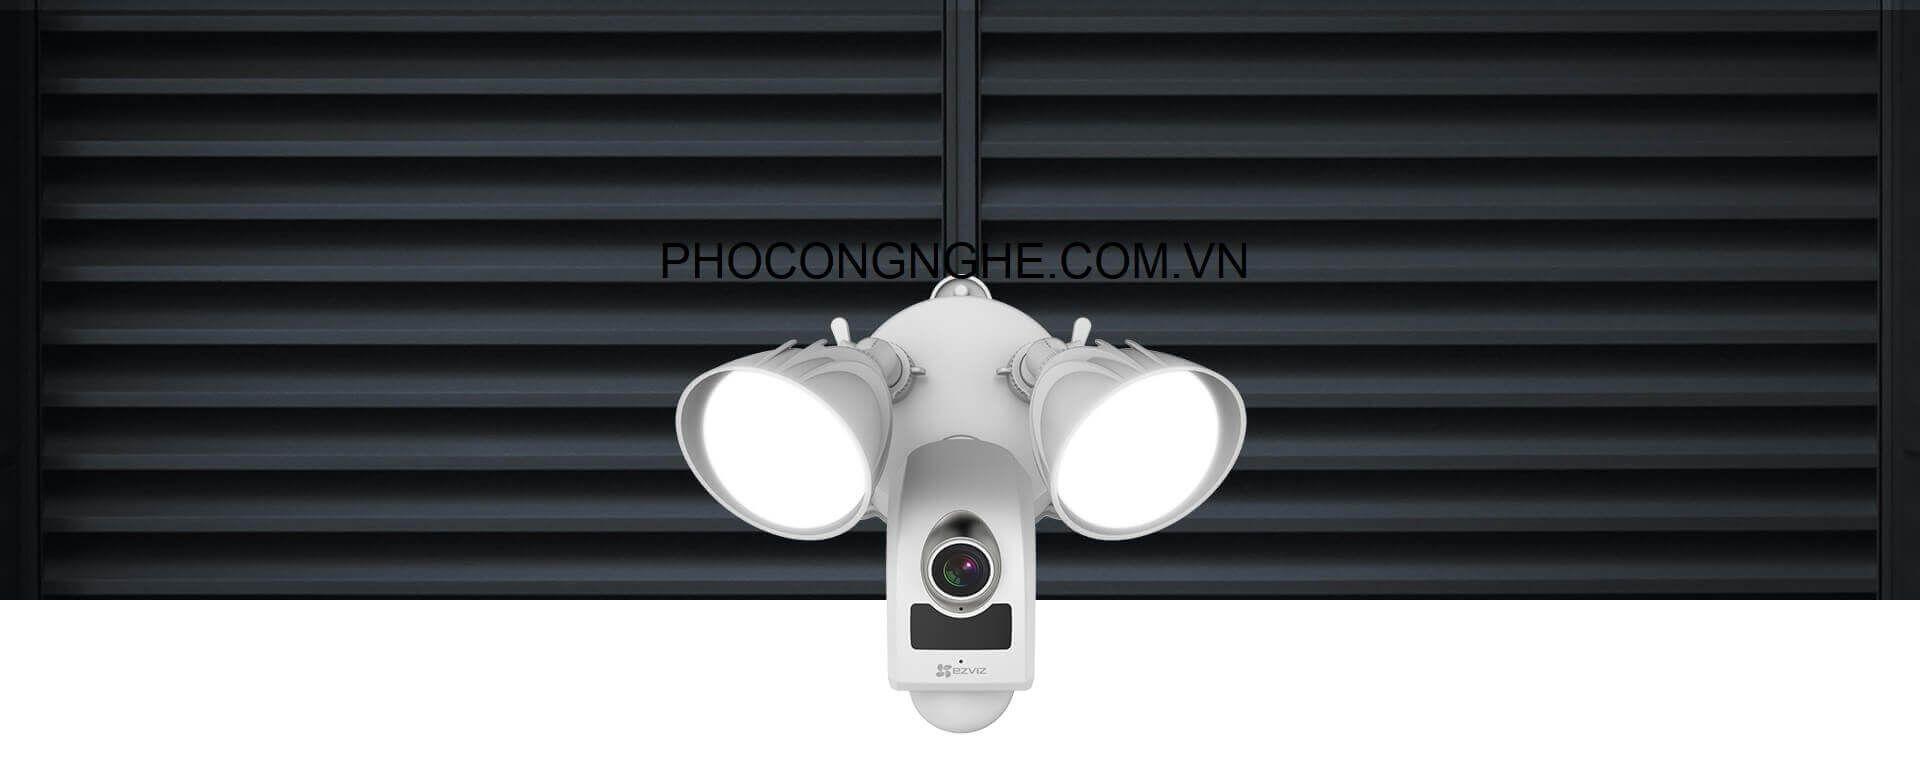 Camera wifi ngoài trời Ezviz CS-LC1-A0-1B2WPFRL tích hợp đèn chiếu sáng